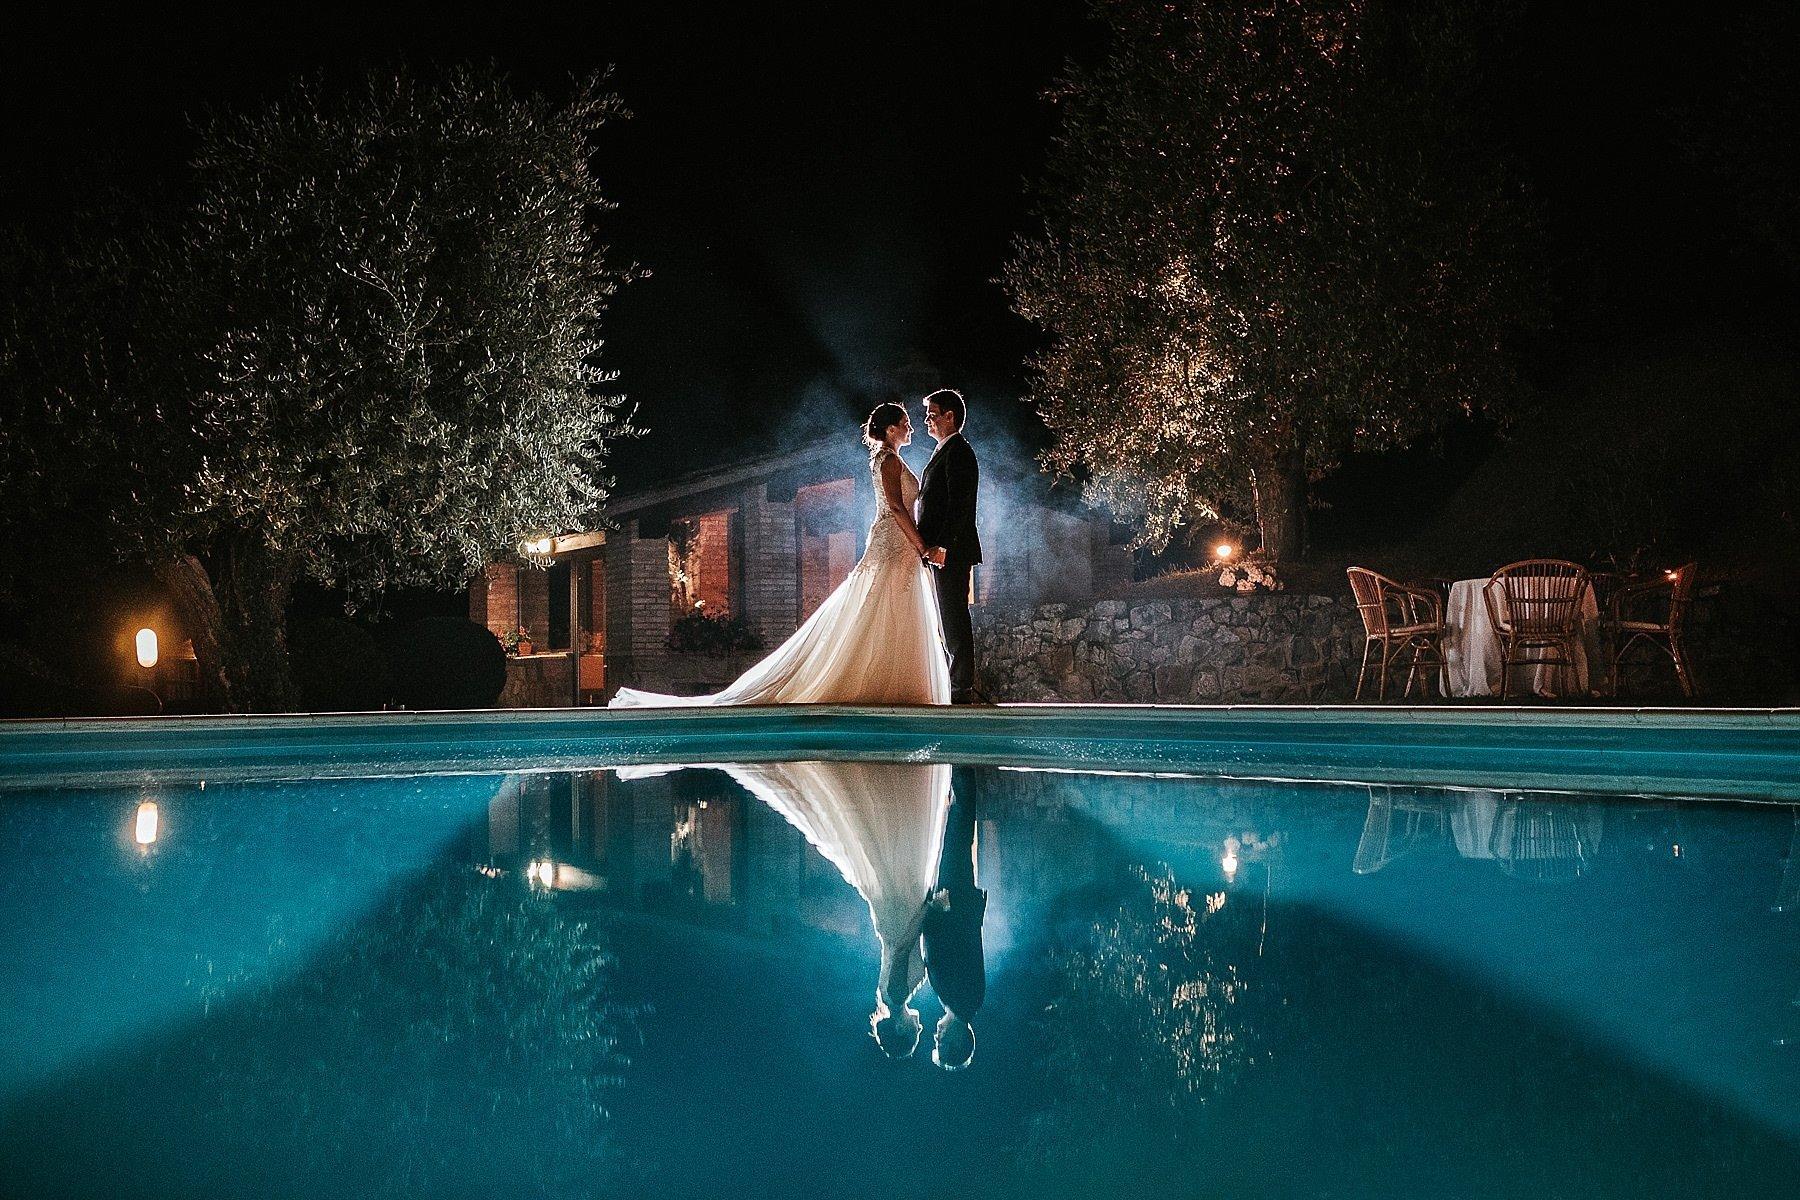 Spettacolare fotografia di matrimonio con sposi a bordo piscina di notte